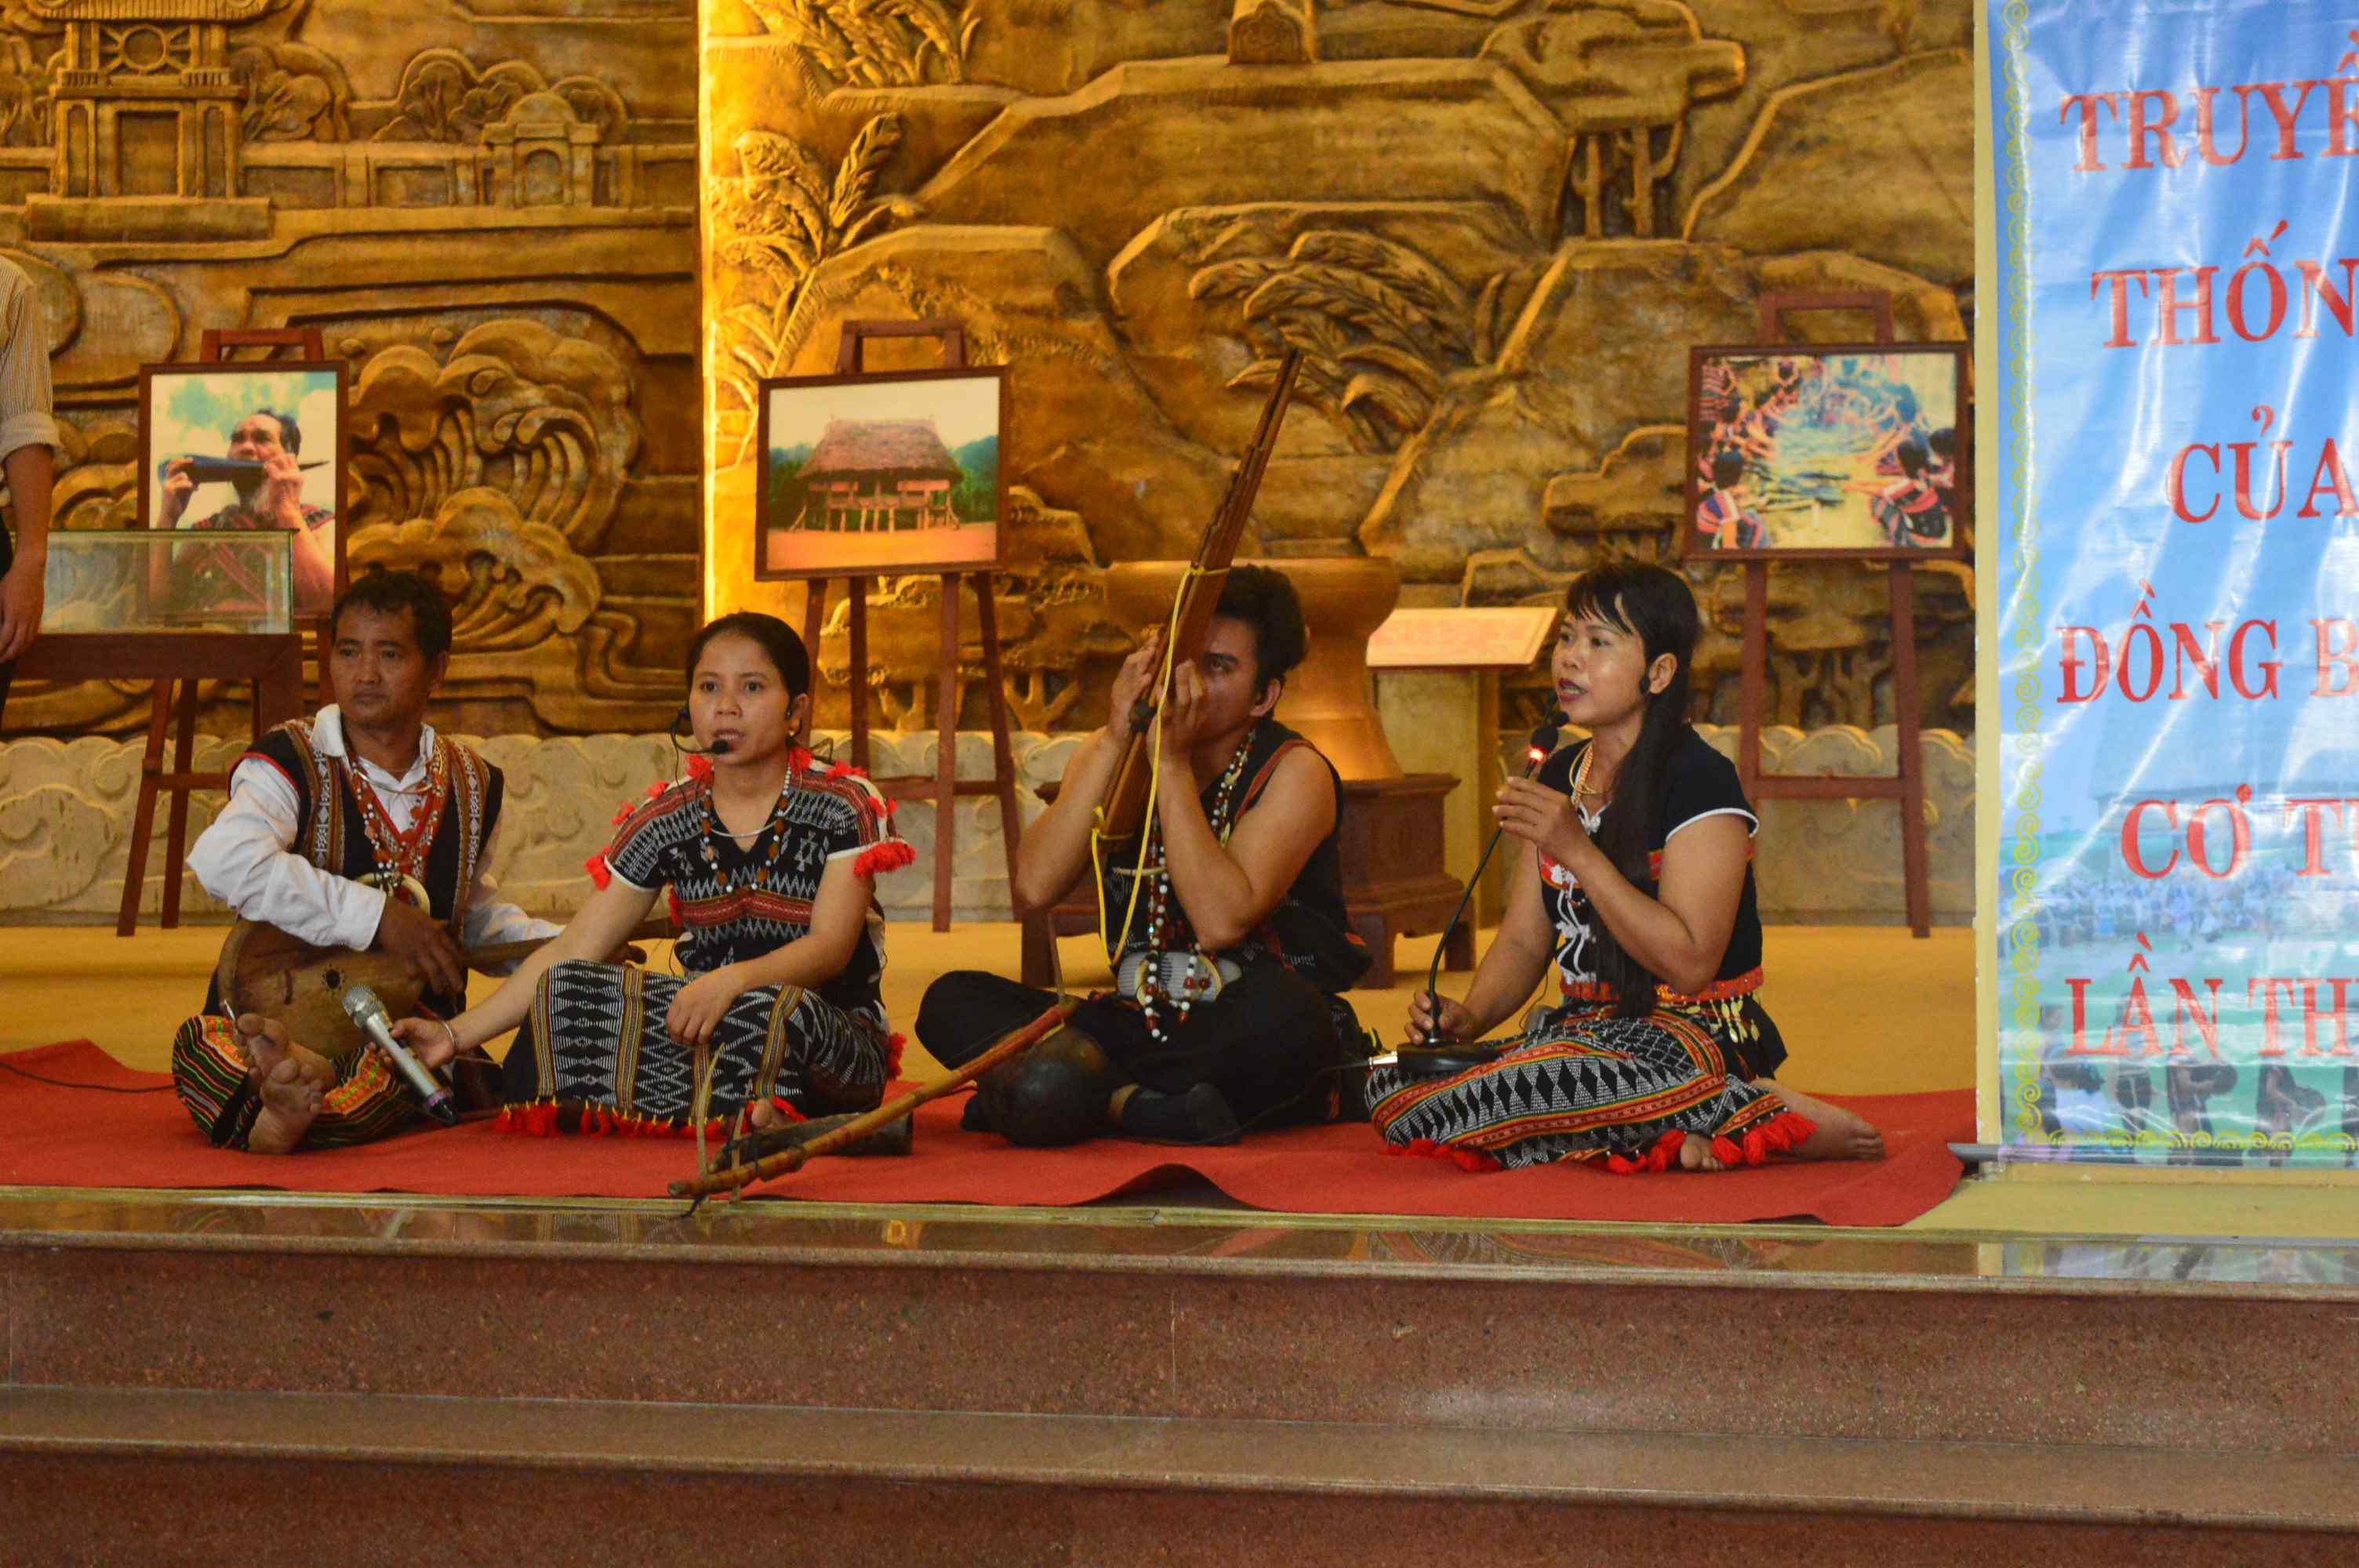 Đồng bào Cơ Tu ở Nam Giang biểu diễn nhạc cụ và hát lý tại lễ hội. Ảnh: Q.T